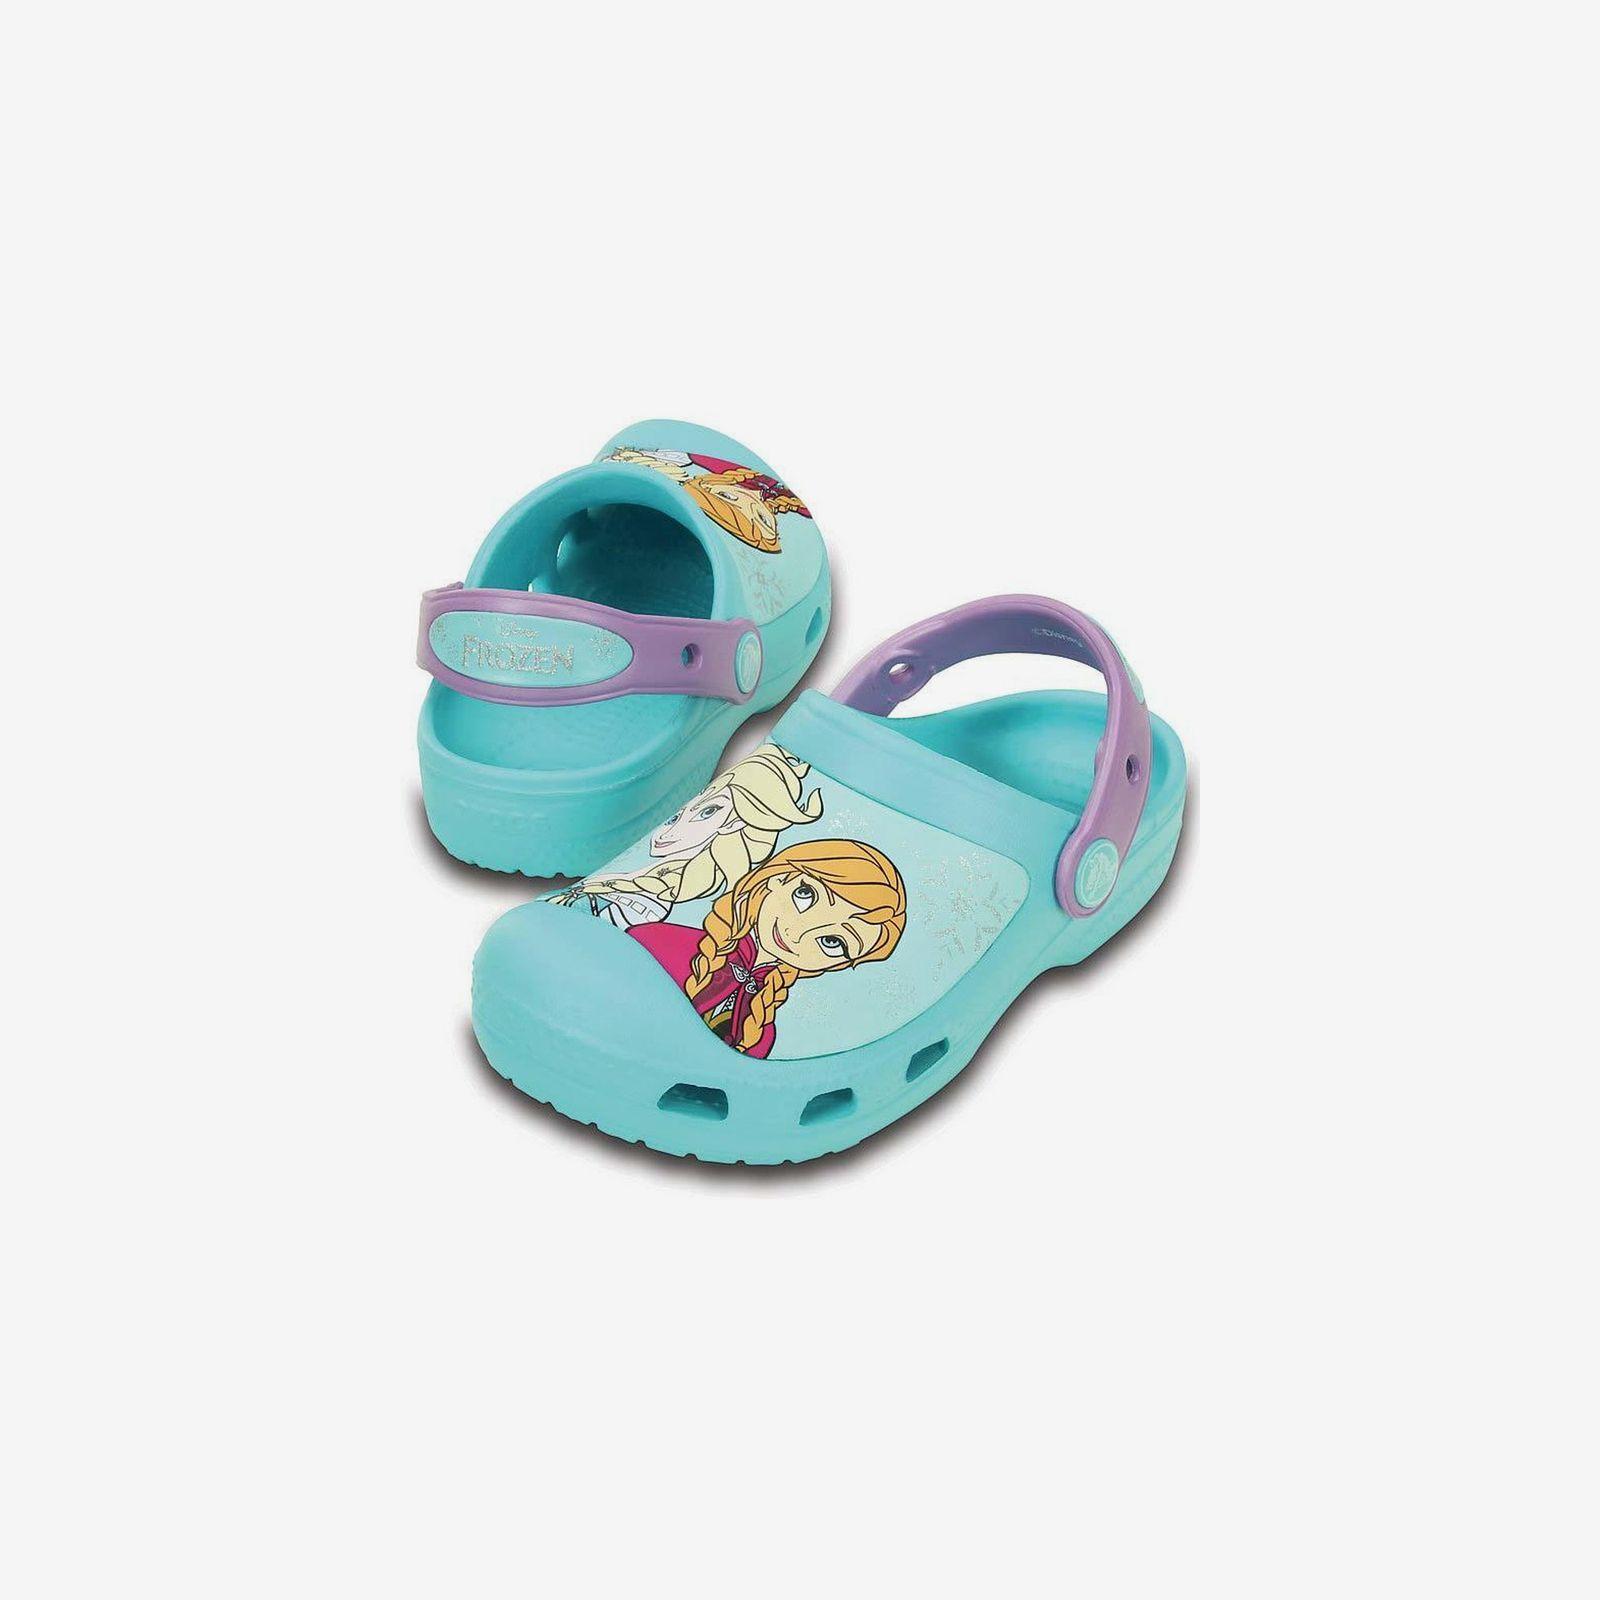 Сабо детские Crocs CC Frozen